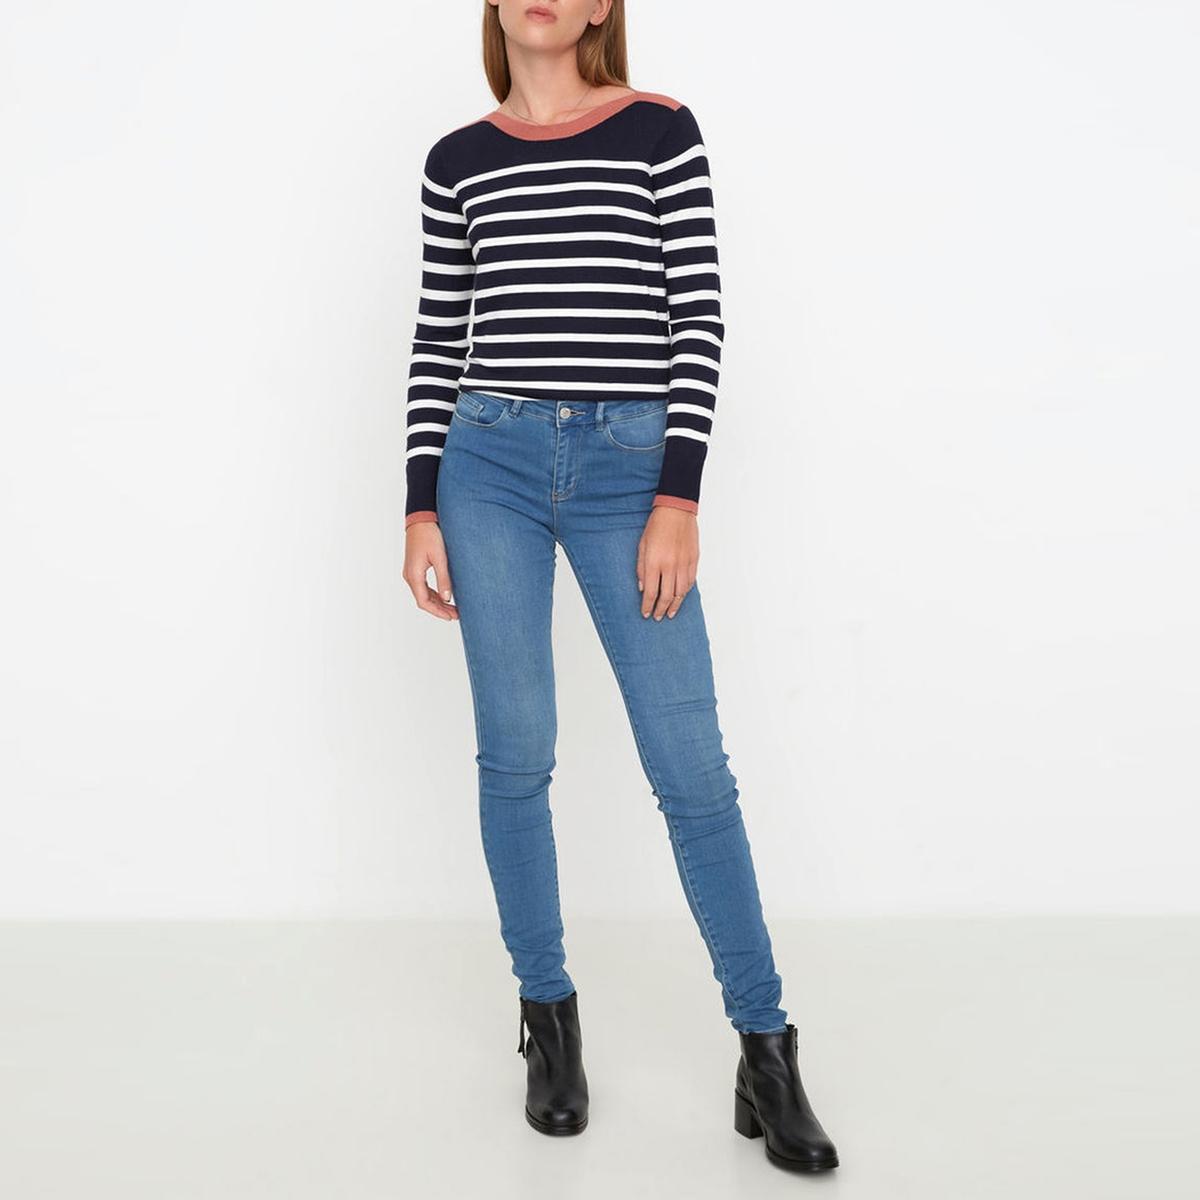 Джинсы узкие со стандартной талиейМатериал : 27% вискозы, 41% хлопка, 2% эластана, 30% полиэстера    Высота пояса : стандартная  Покрой джинсов : узкий  Длина джинсов : длина 32<br><br>Цвет: голубой